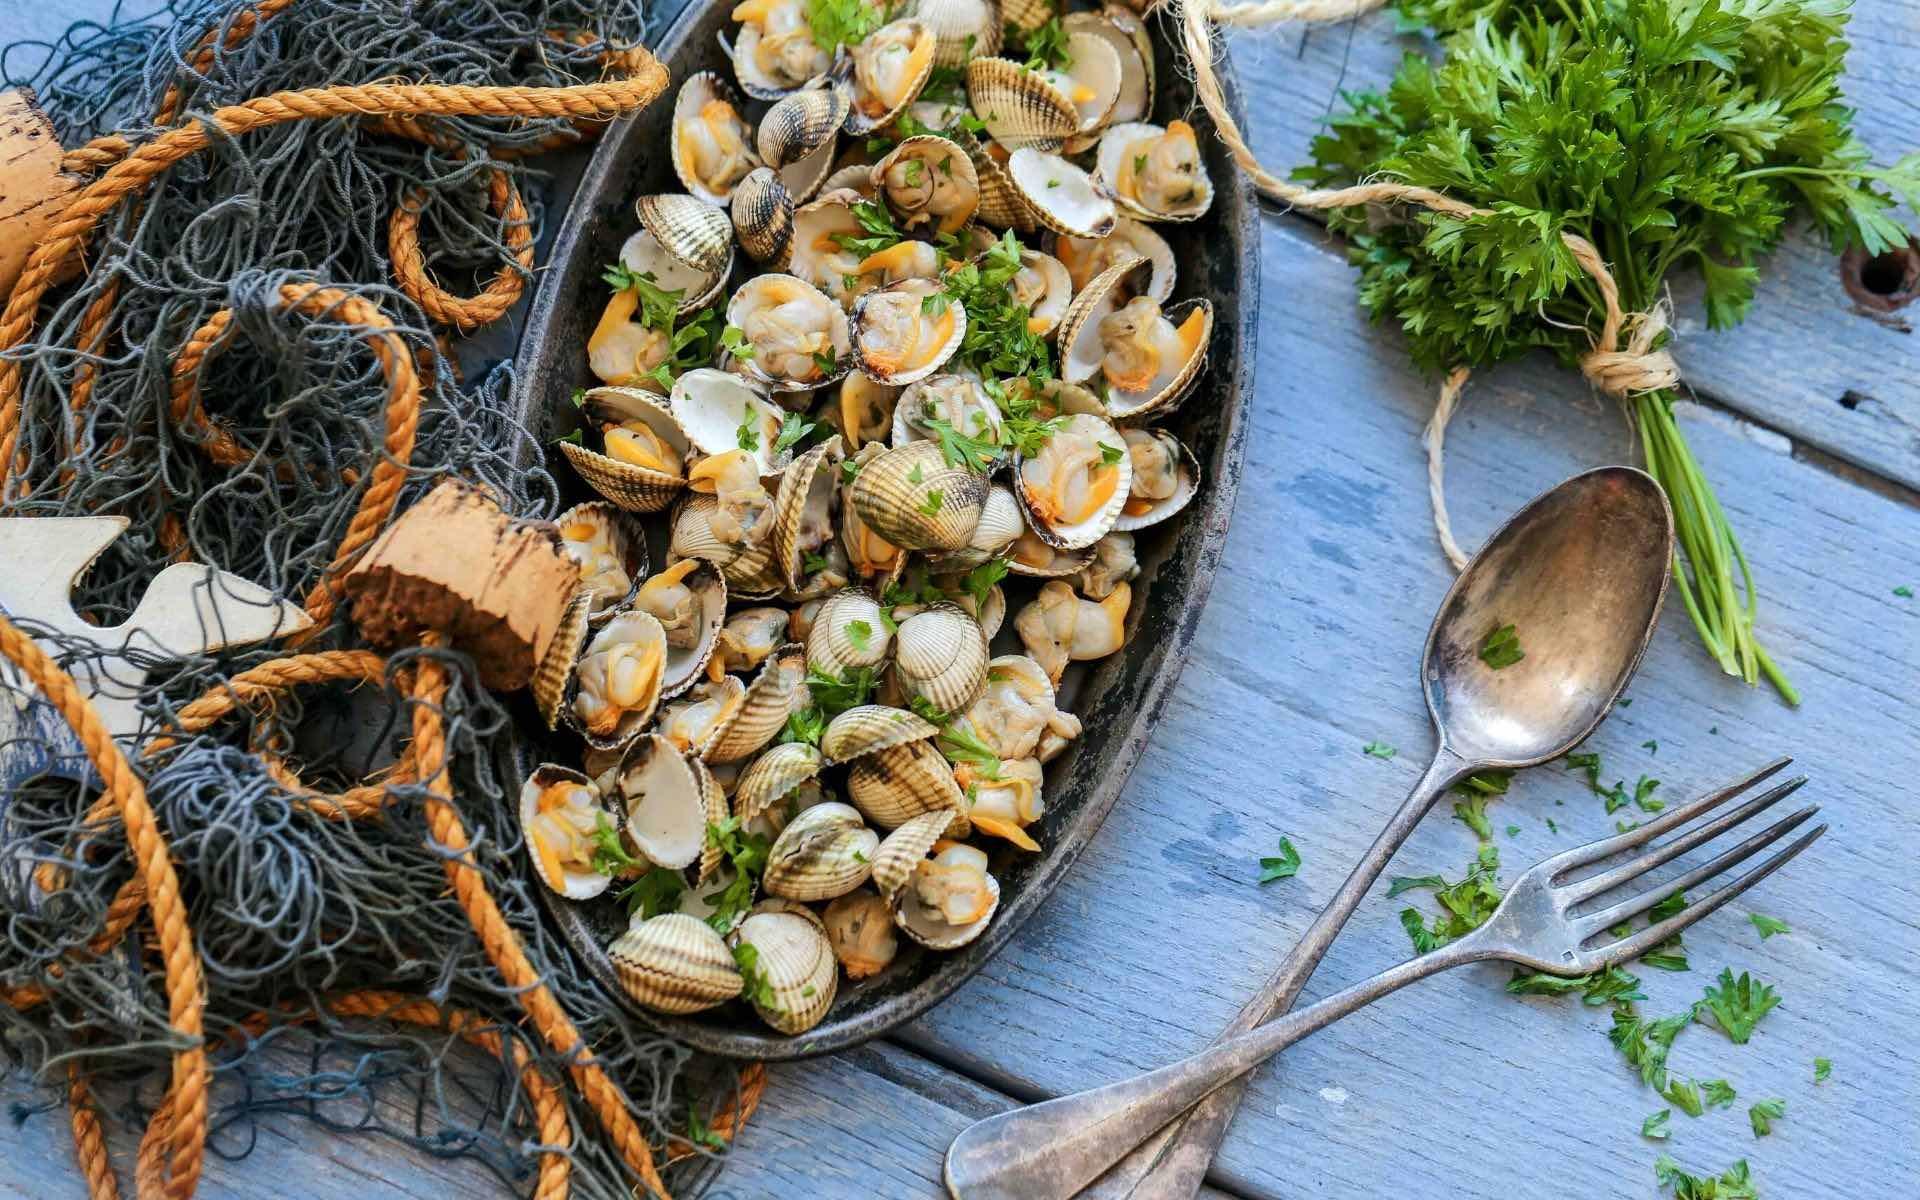 Les coques un classique de la cuisine lagunaire